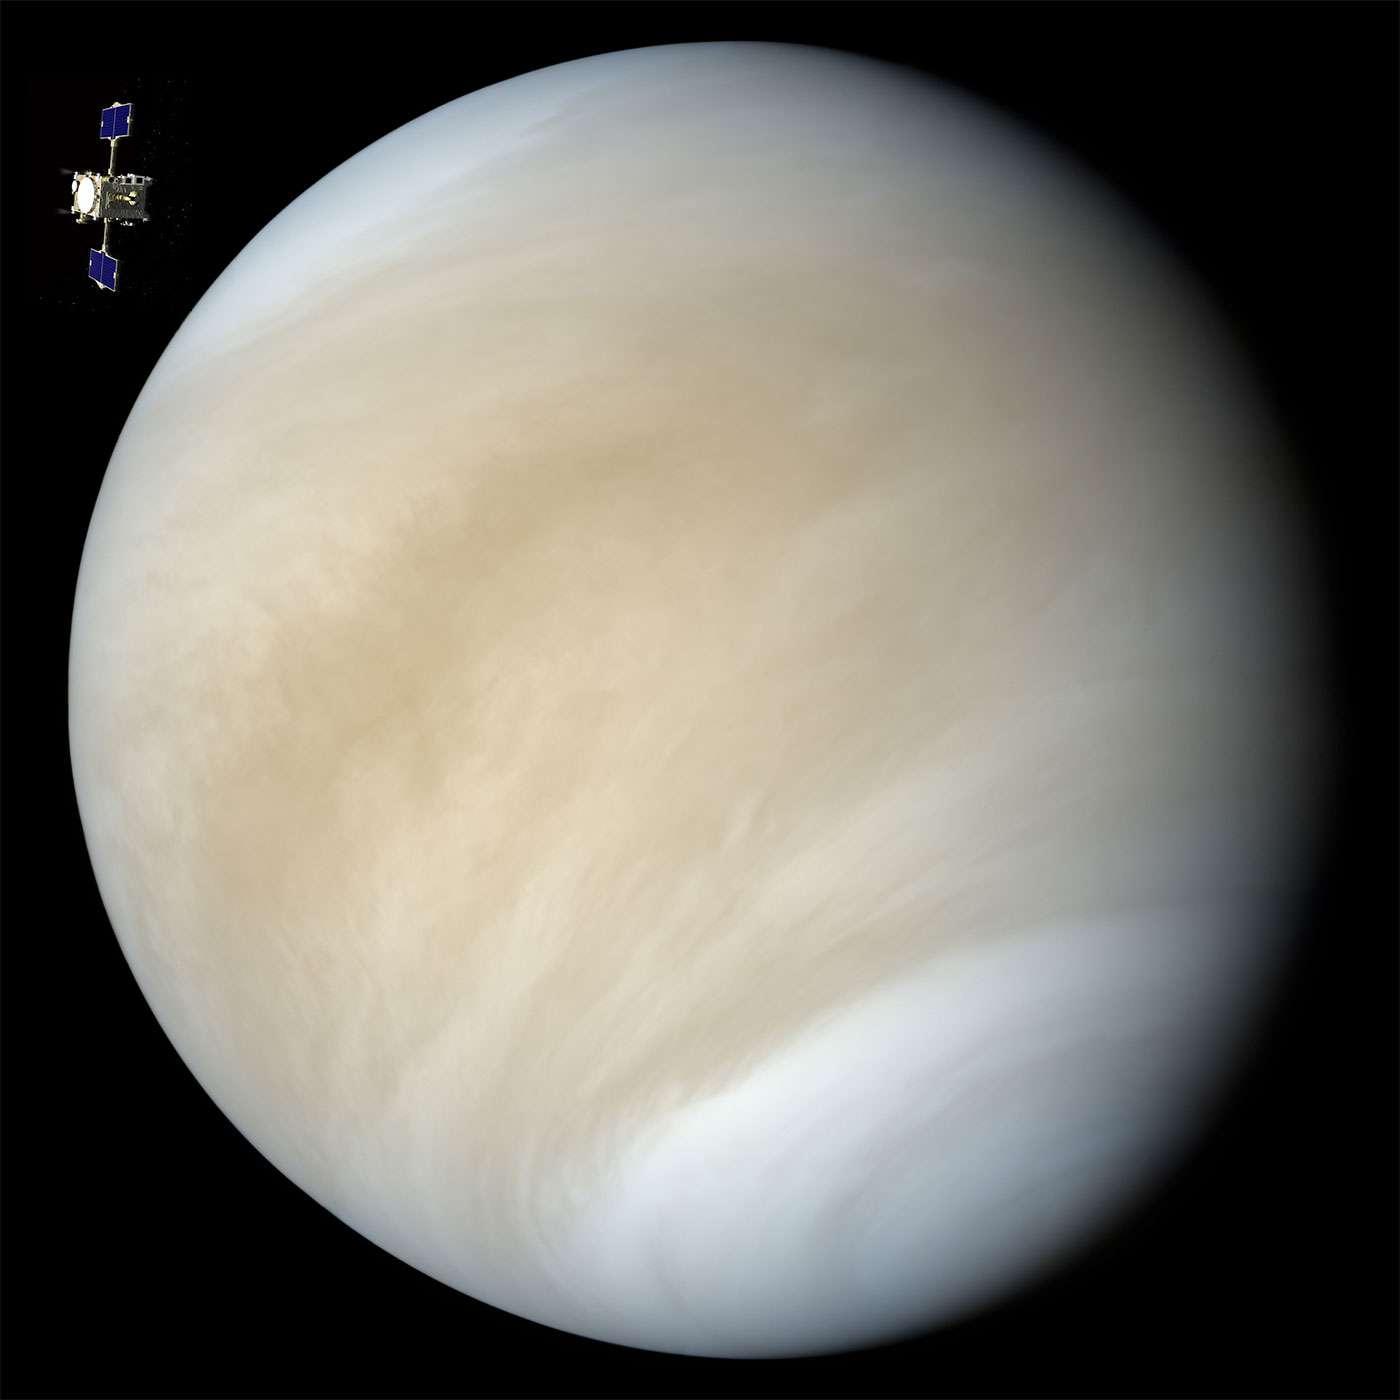 Les observations d'Akatsuki aideront à mieux comprendre le fonctionnement de l'atmosphère de Vénus. Il s'agit de la première mission du Japon vers cette planète. © Jaxa, Nasa